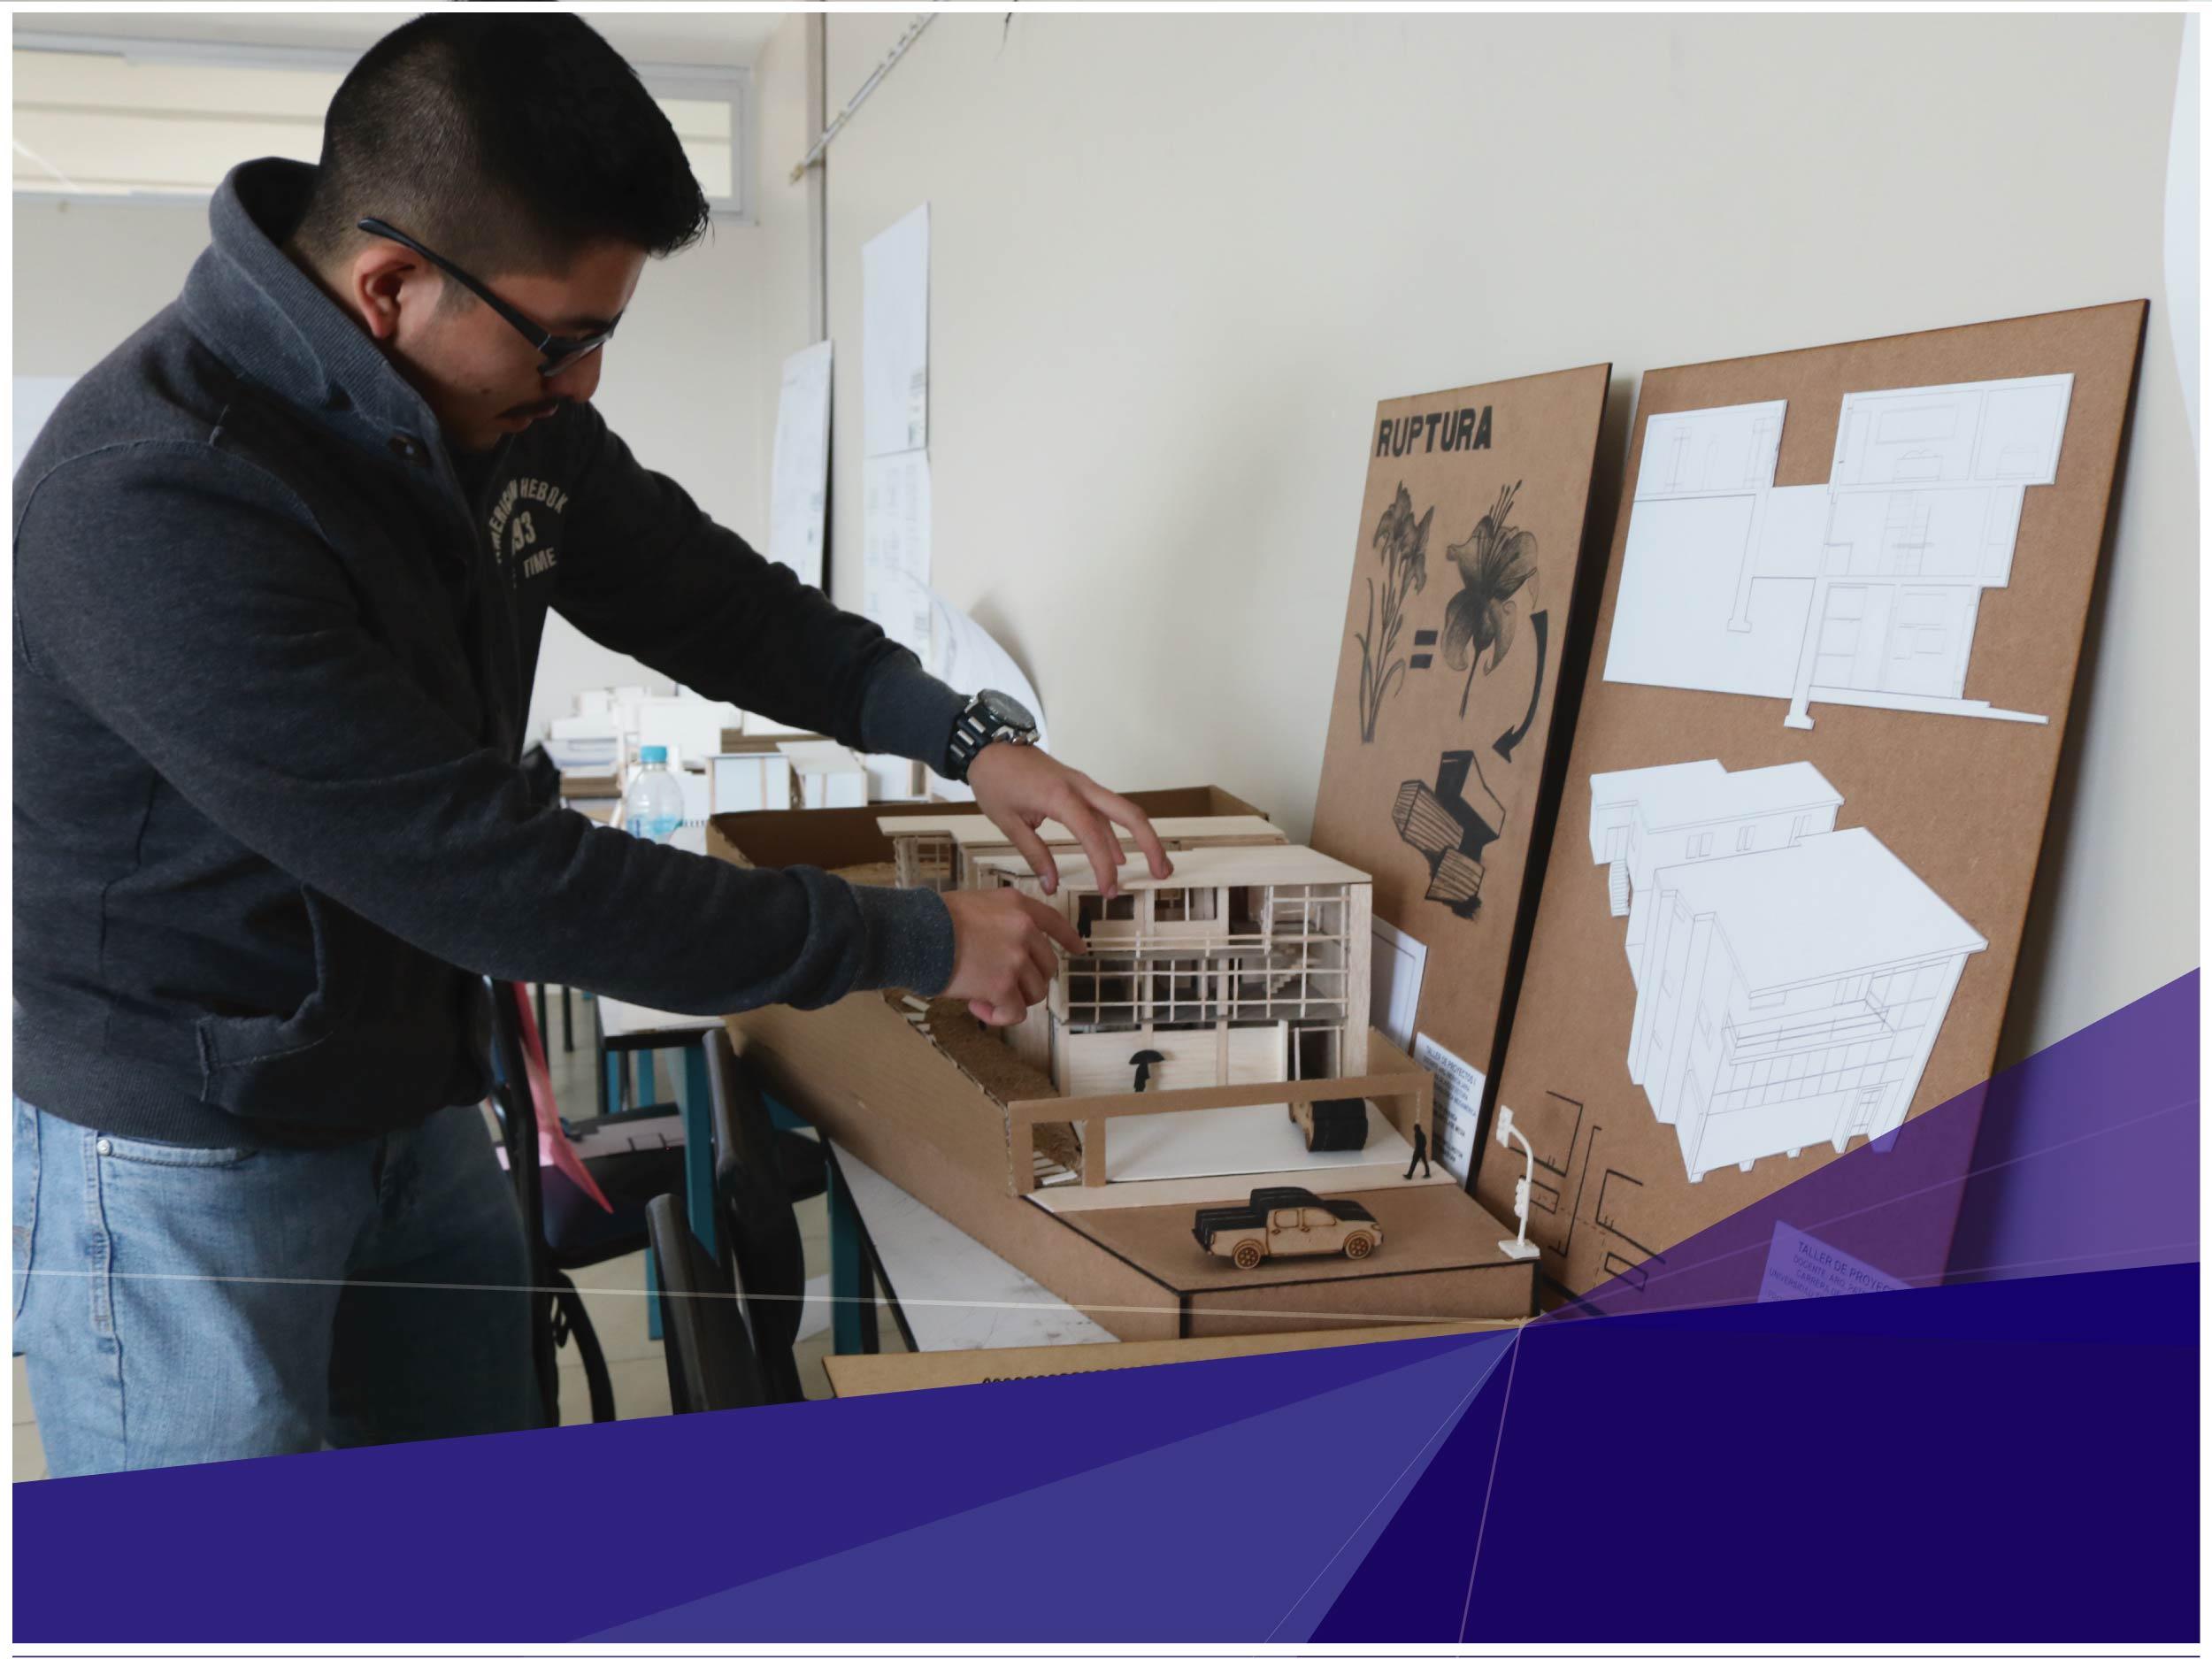 Estudiantes de Arquitectura exponen sus trabajos de fin de semestre y muestran el progreso de aprendizaje en las aulas